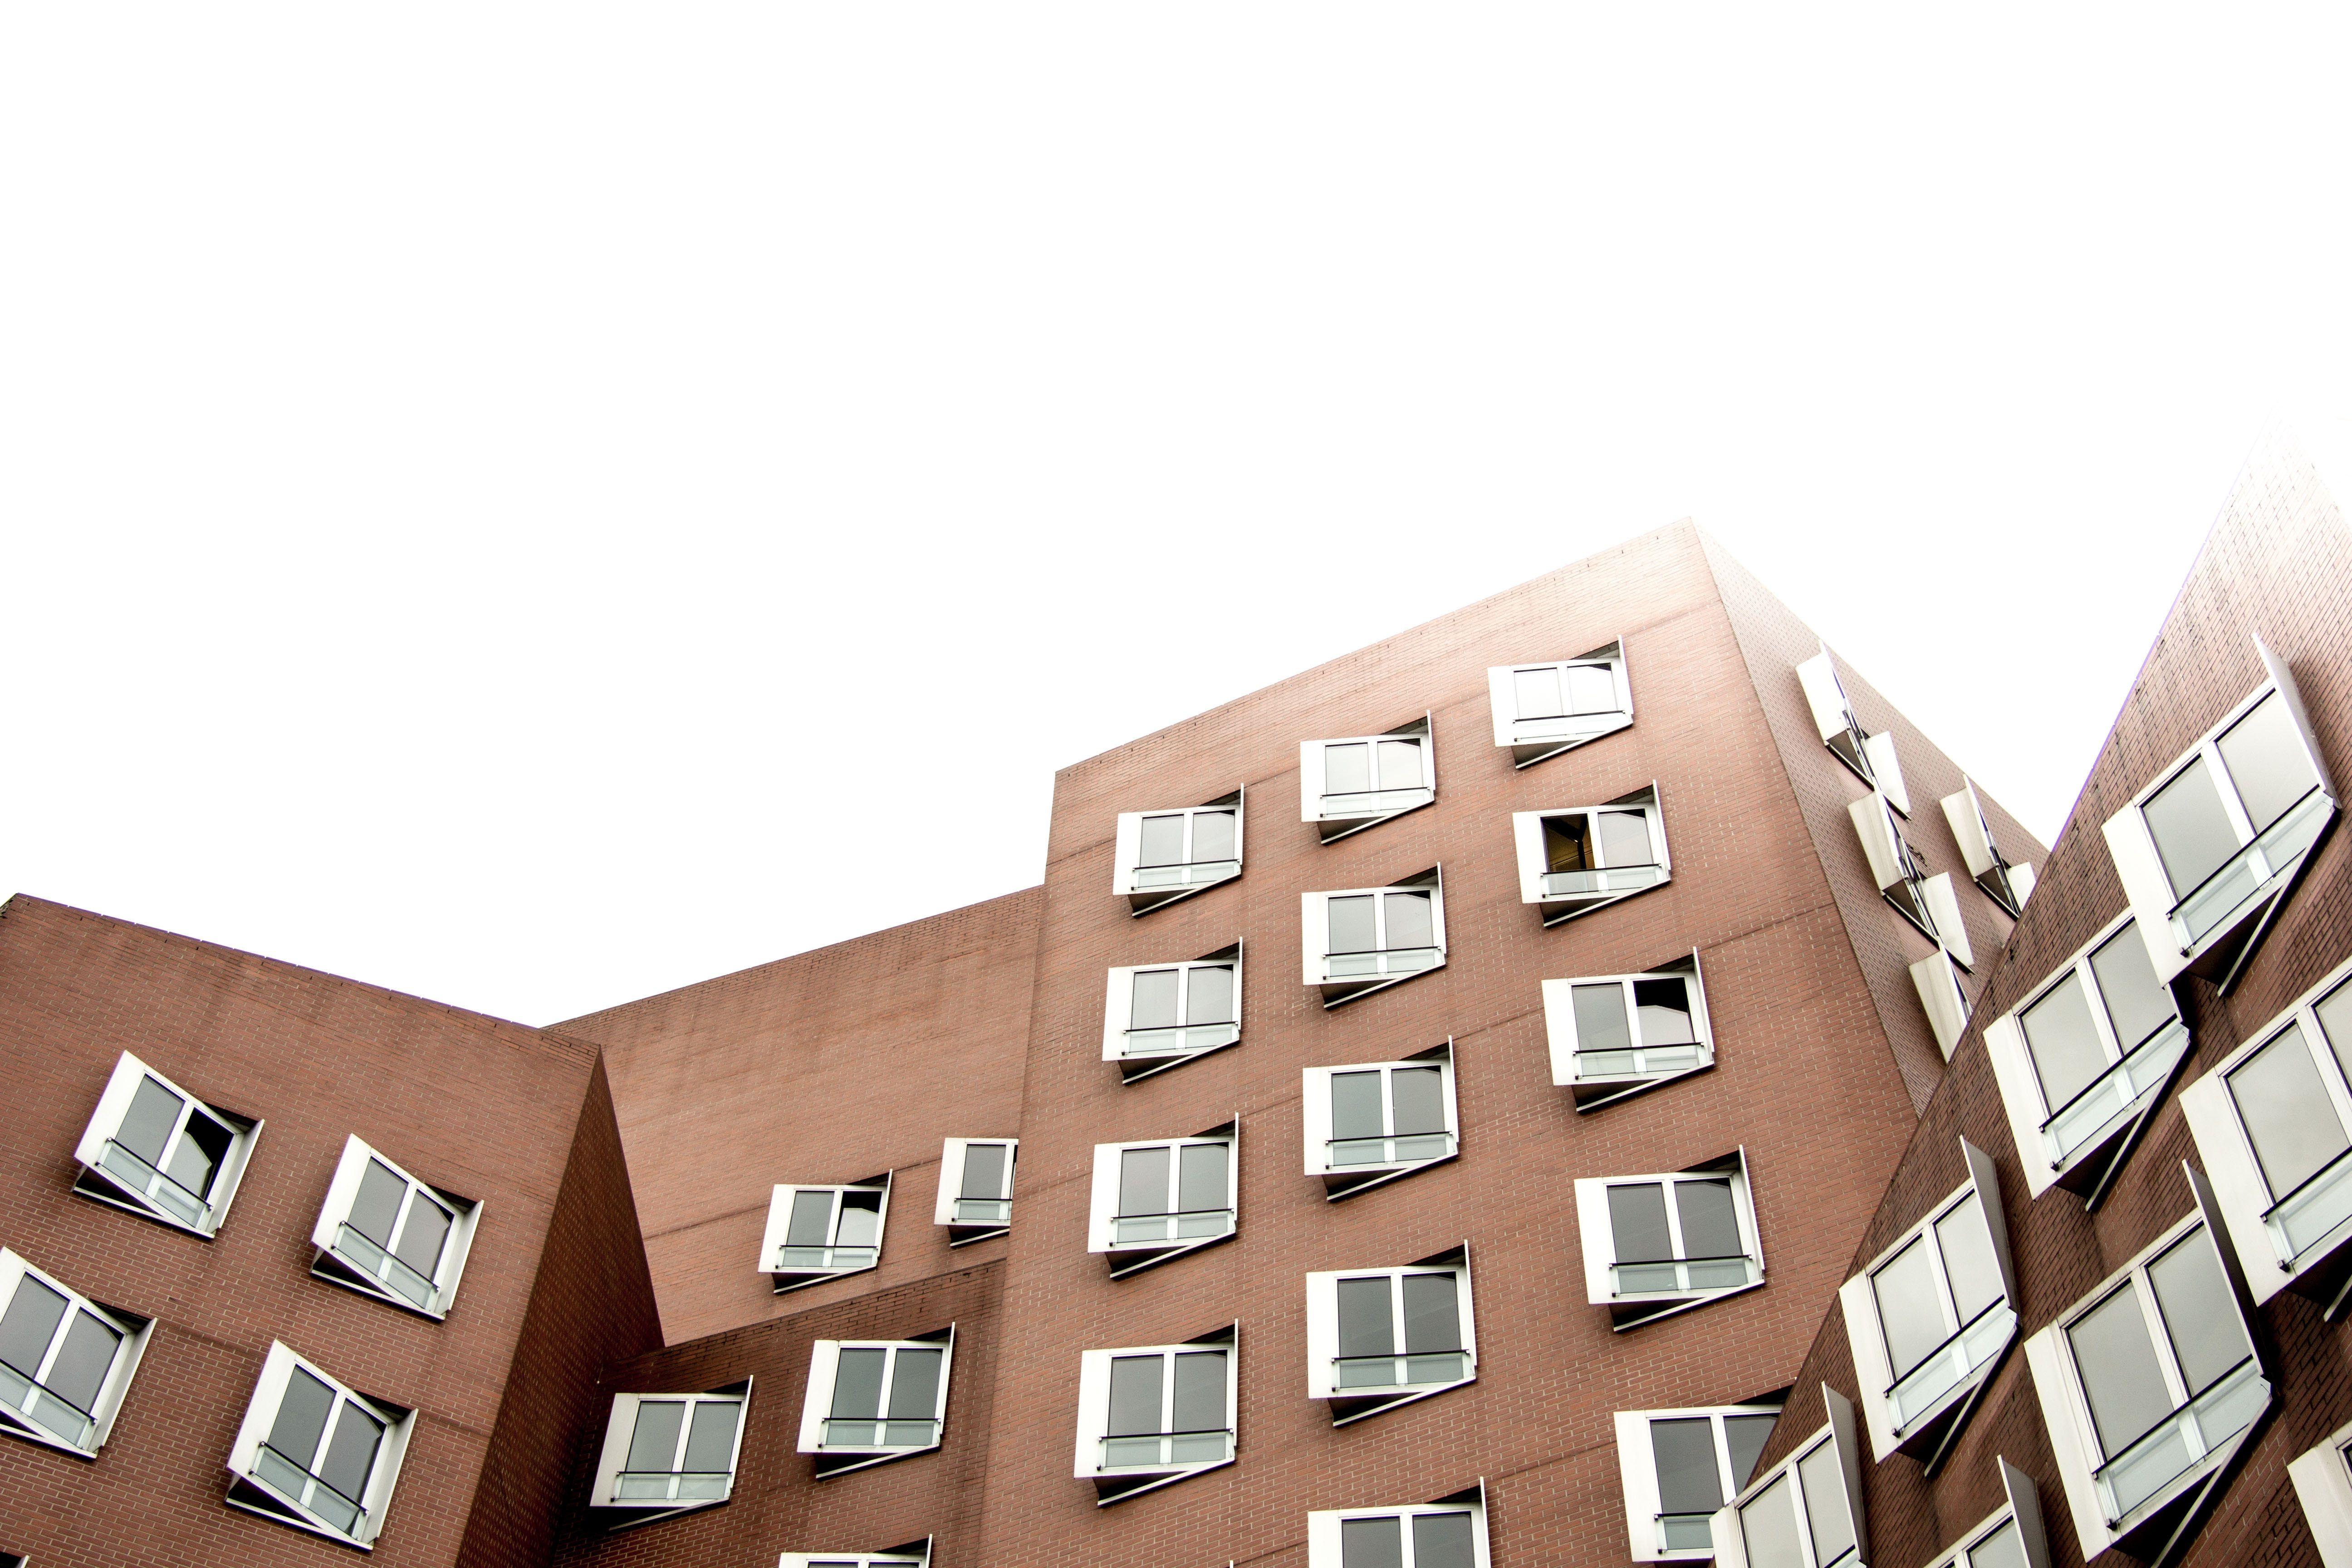 """Auf @Behance habe ich dieses Projekt gefunden: """"Gehry-Bauten Düsseldorf II"""" https://www.behance.net/gallery/44458391/Gehry-Bauten-Duesseldorf-II"""